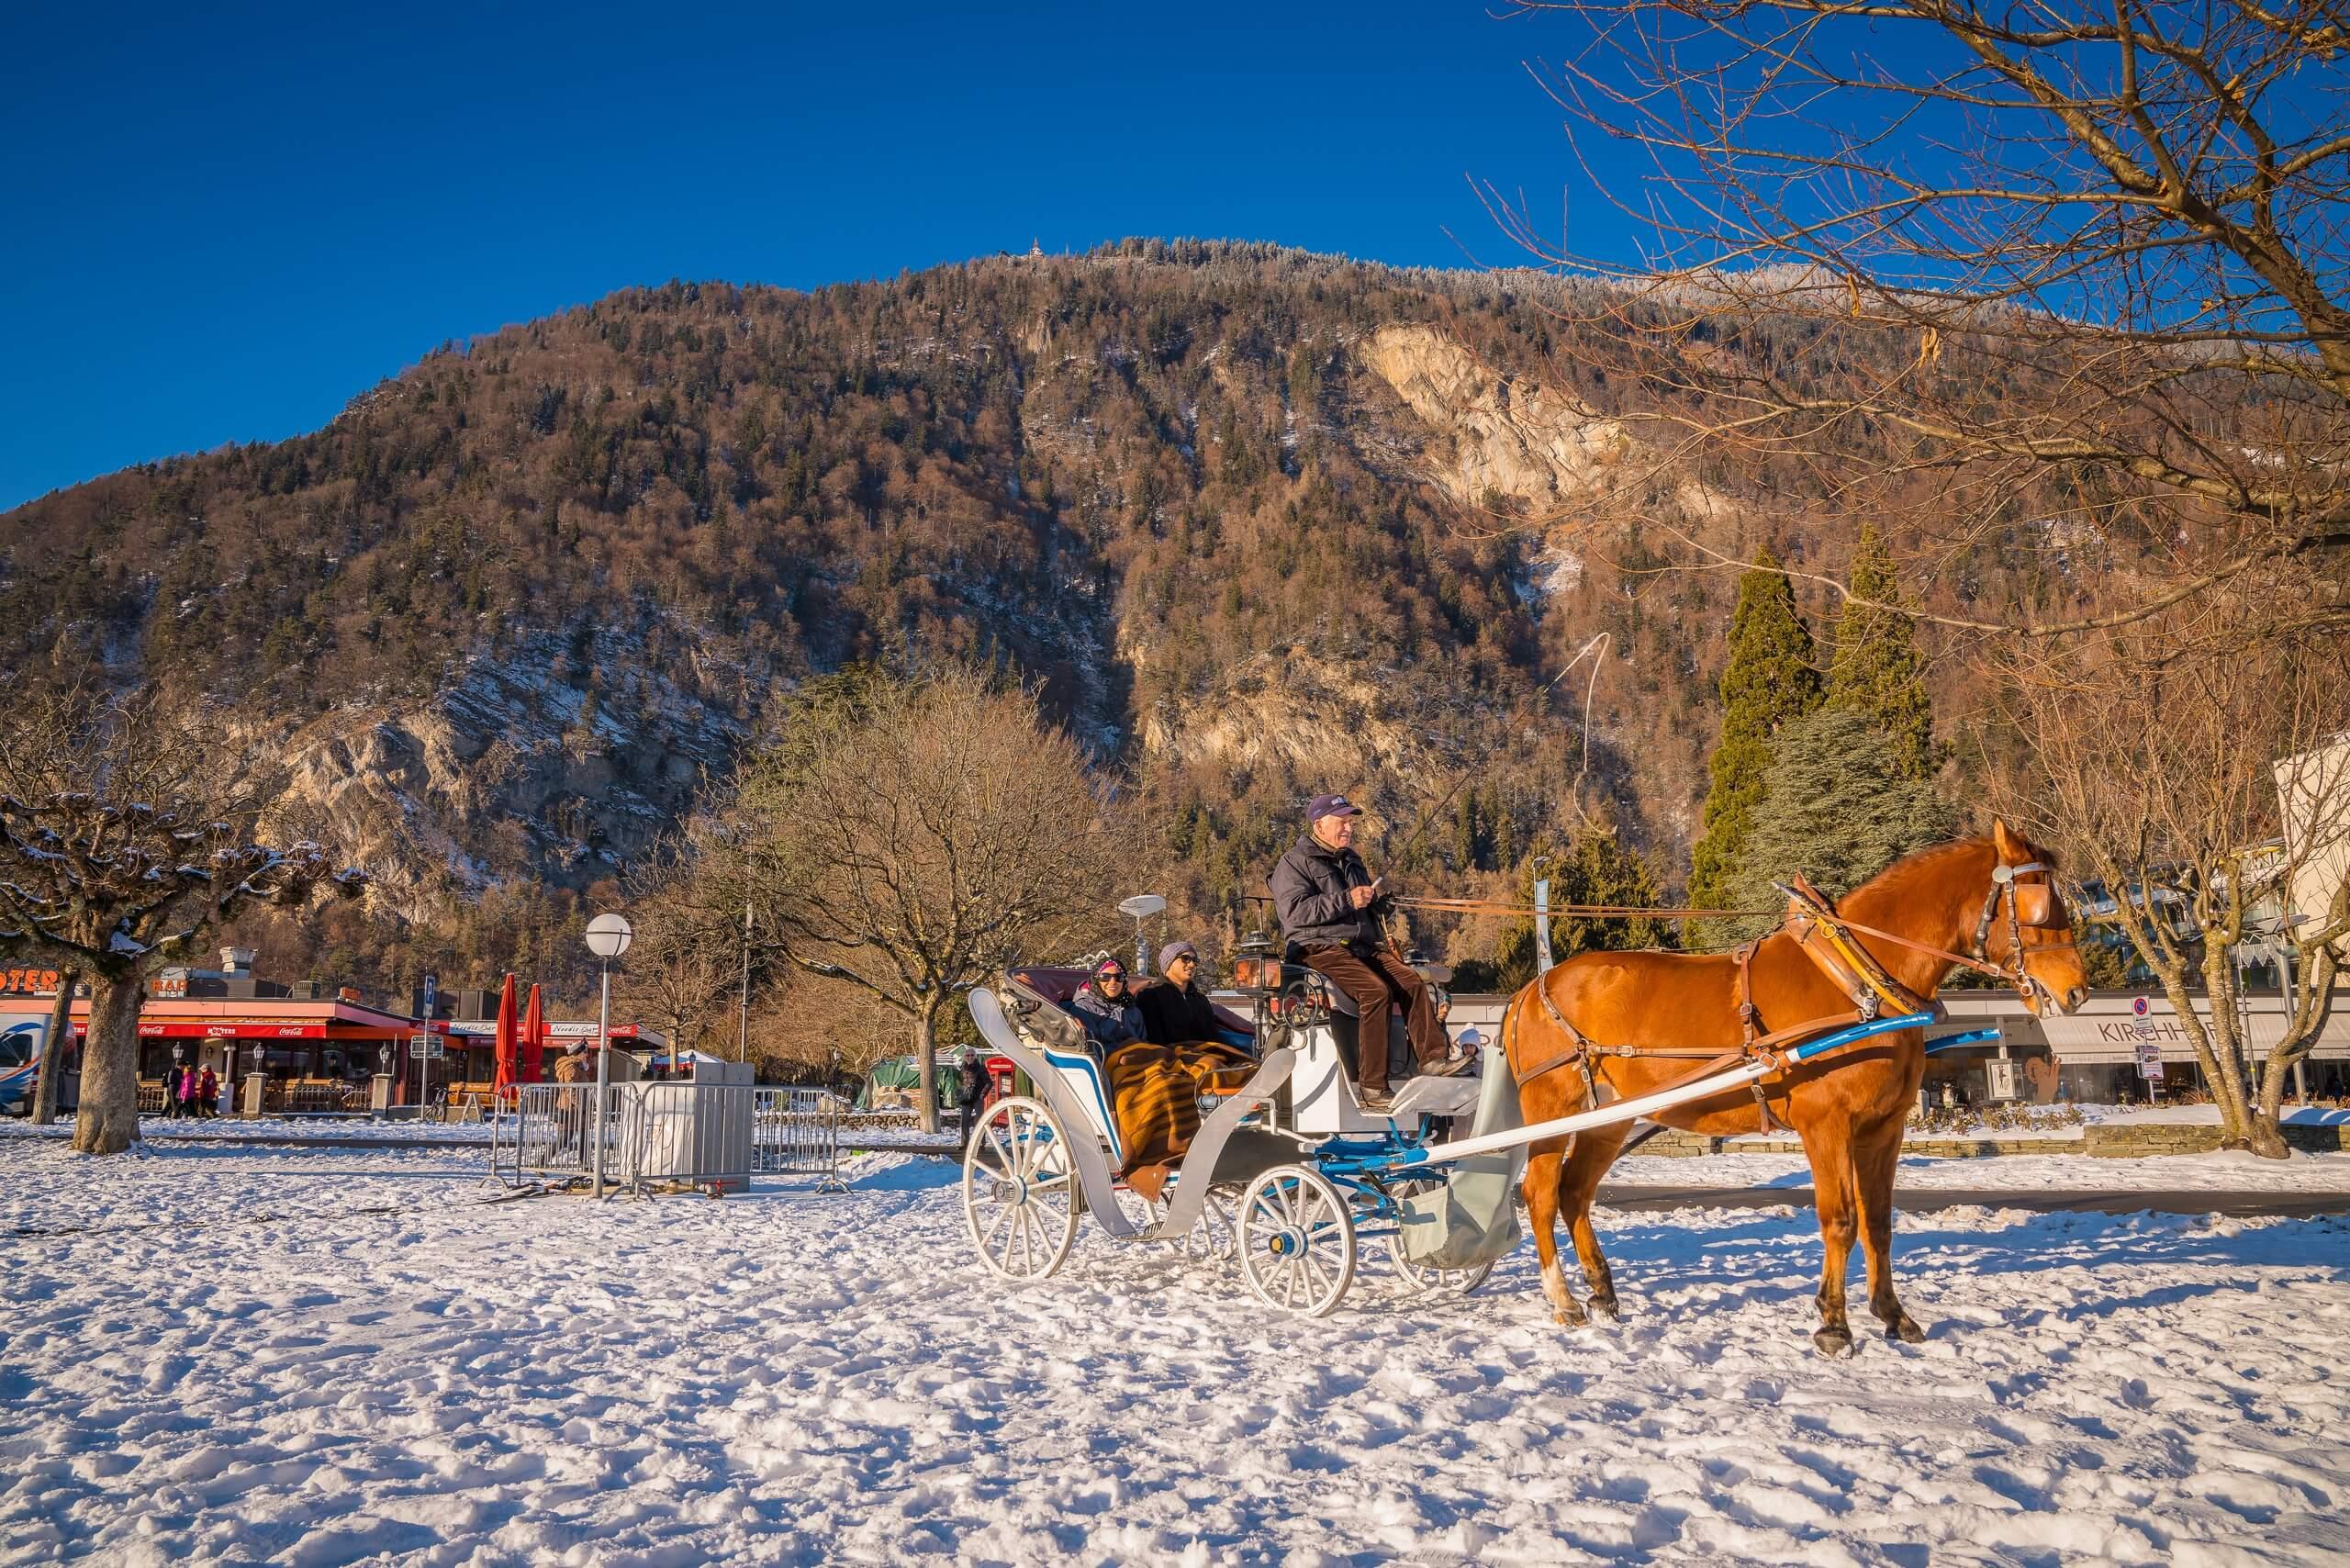 interlaken-kutschenfahrt-dorfrundfahrt-winter-pferde